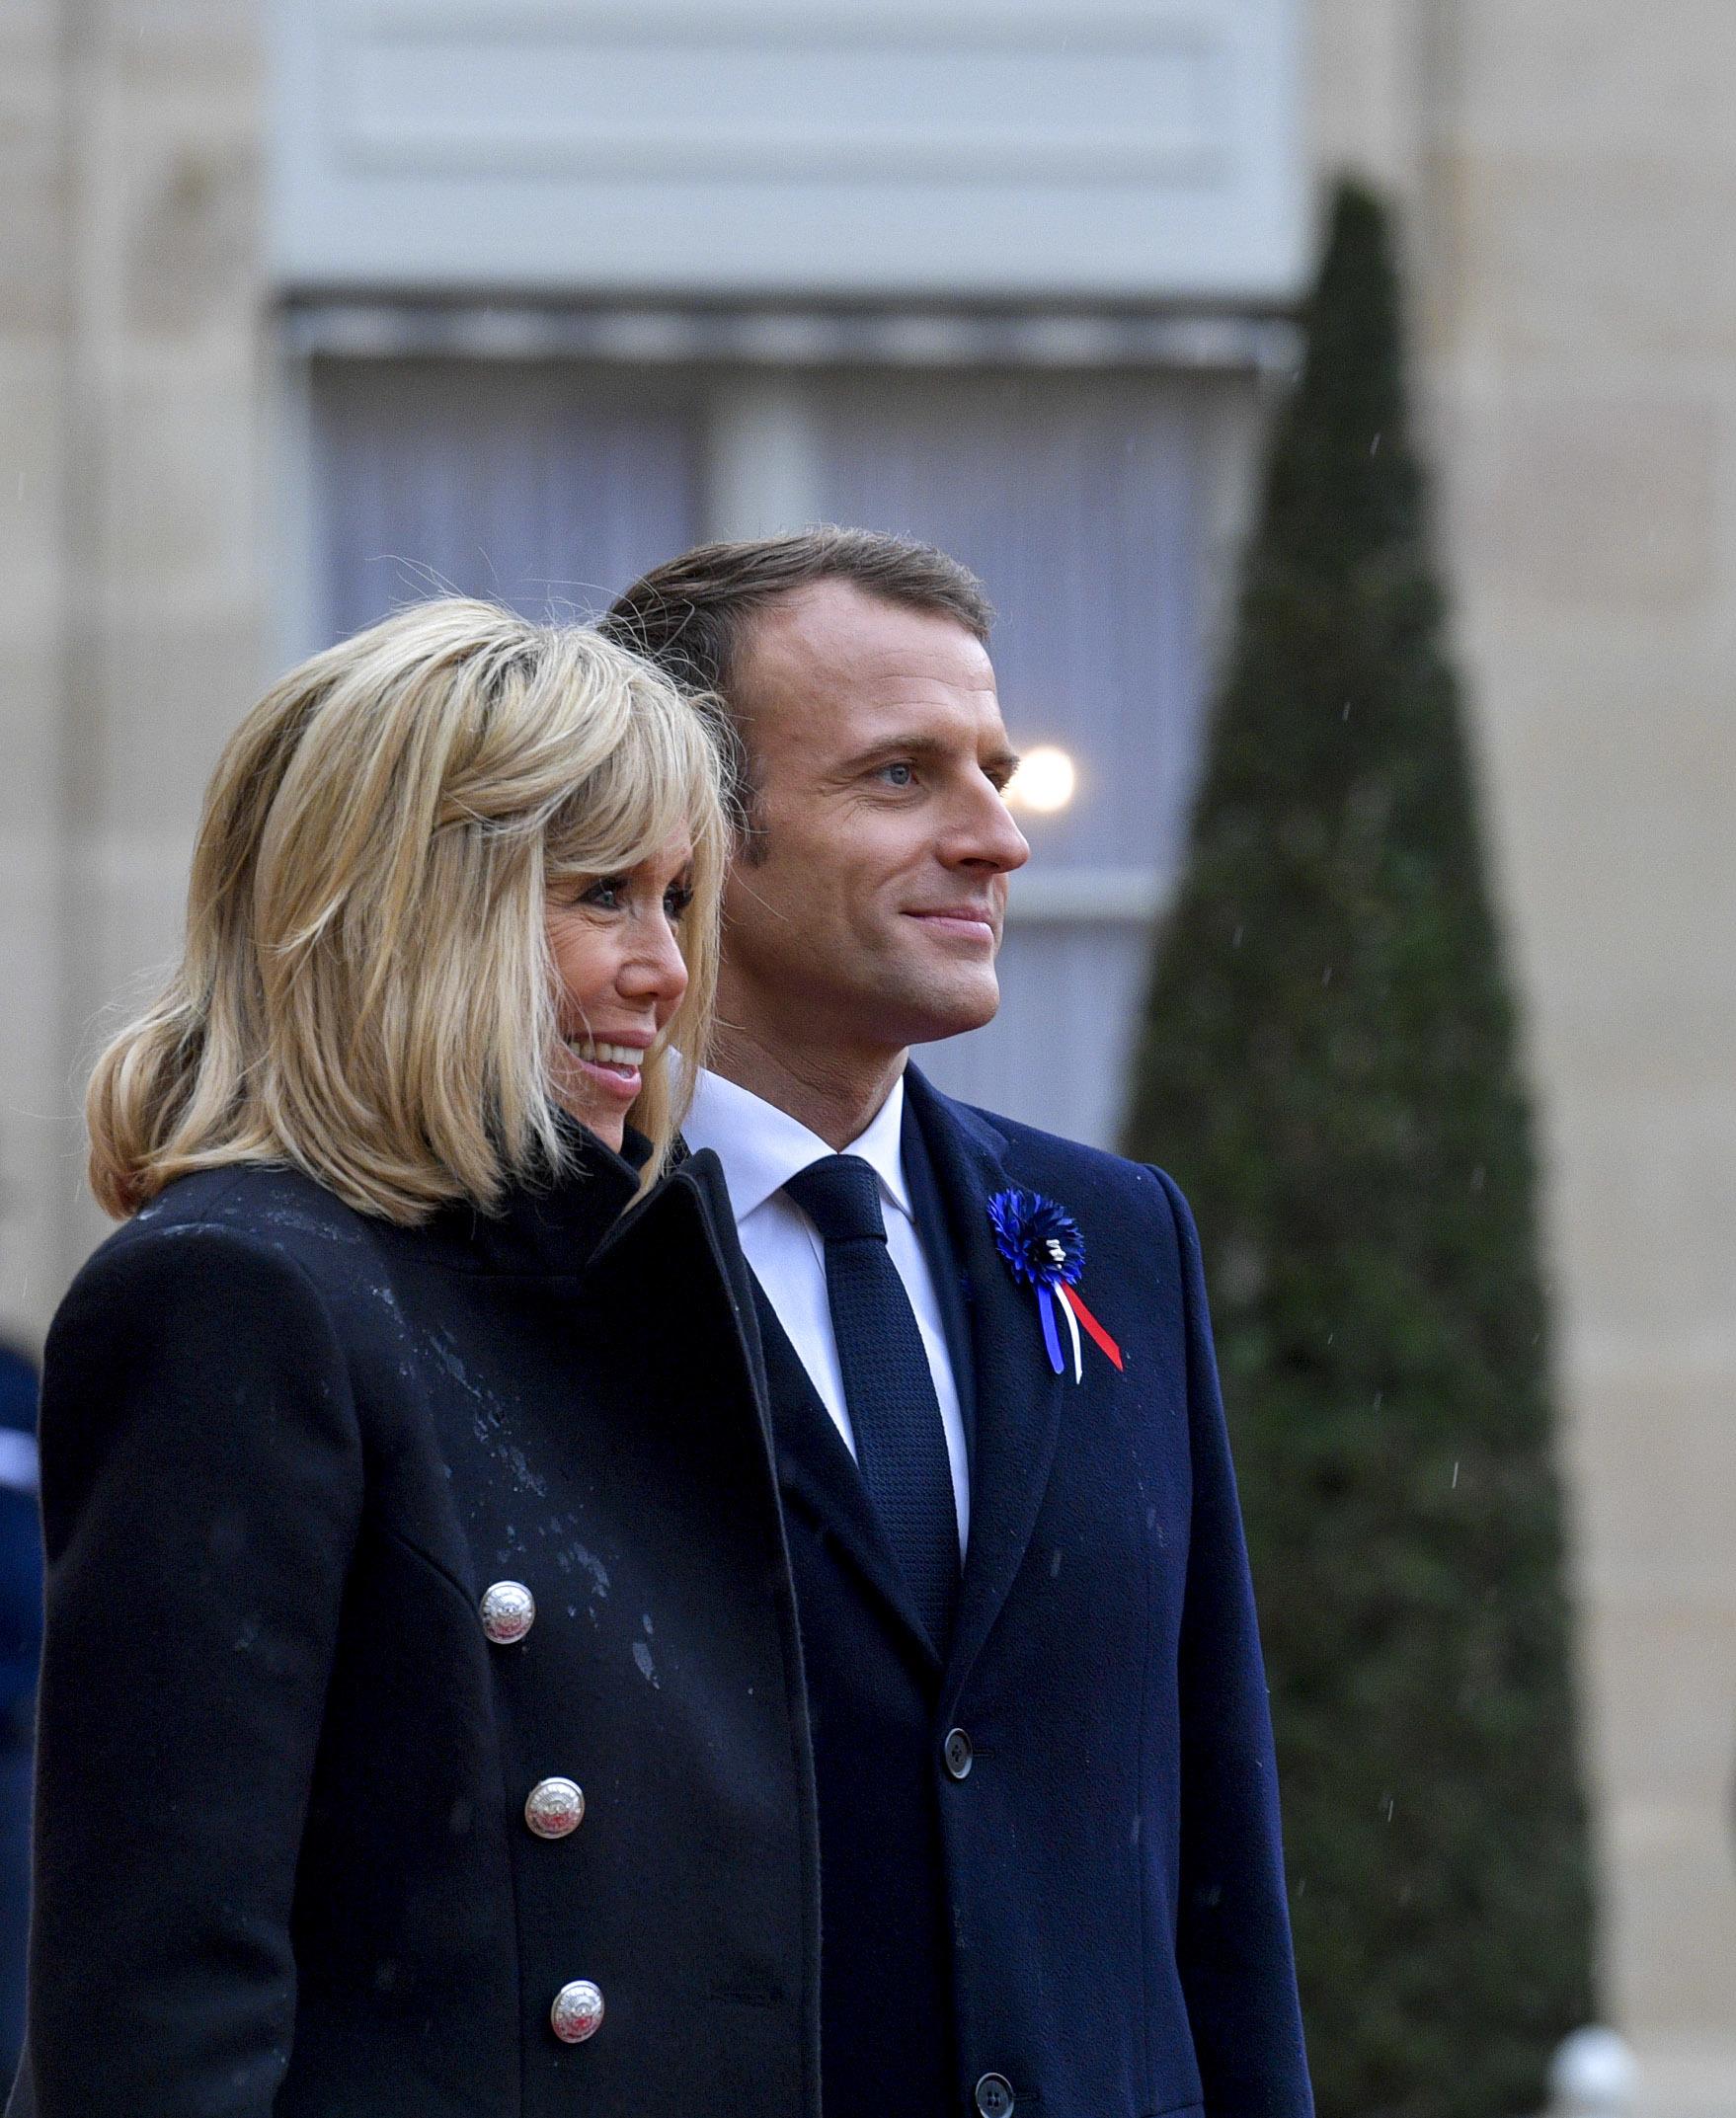 File:Brigitte Macron and Emmanuel Macron - November 2018